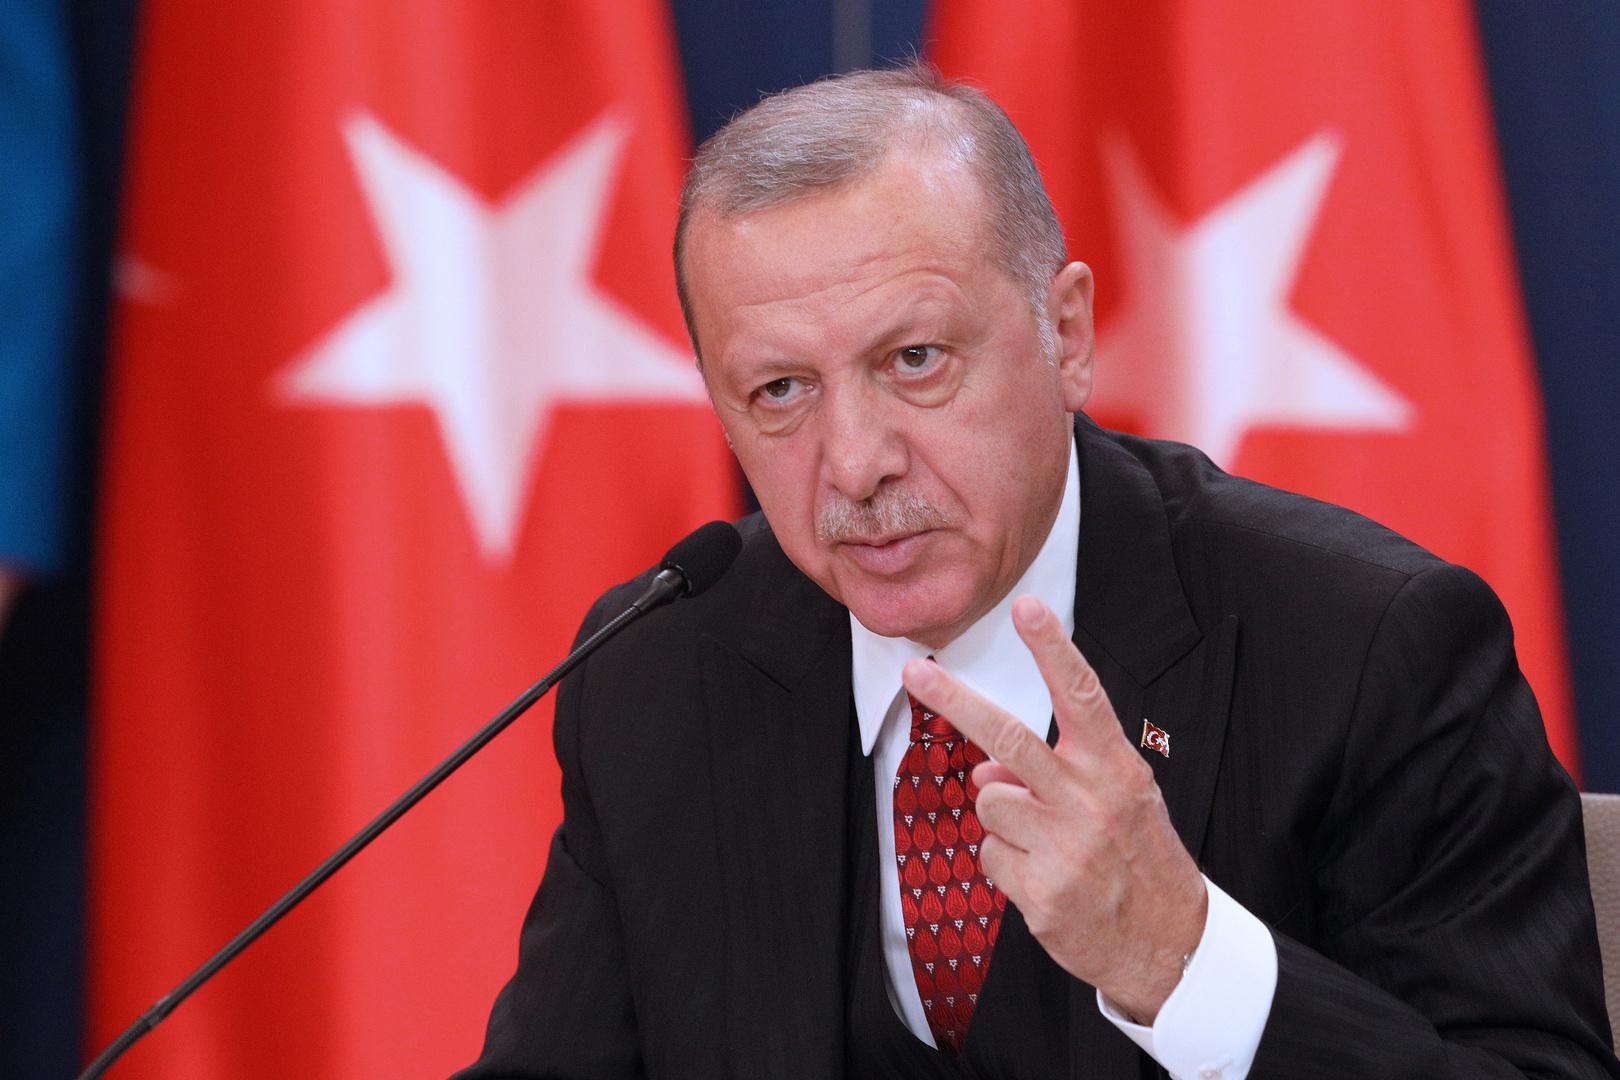 في ذكرى قصف هيروشيما.. أردوغان يدعو لاستخلاص الدروس وعدم تكرار الخطأ